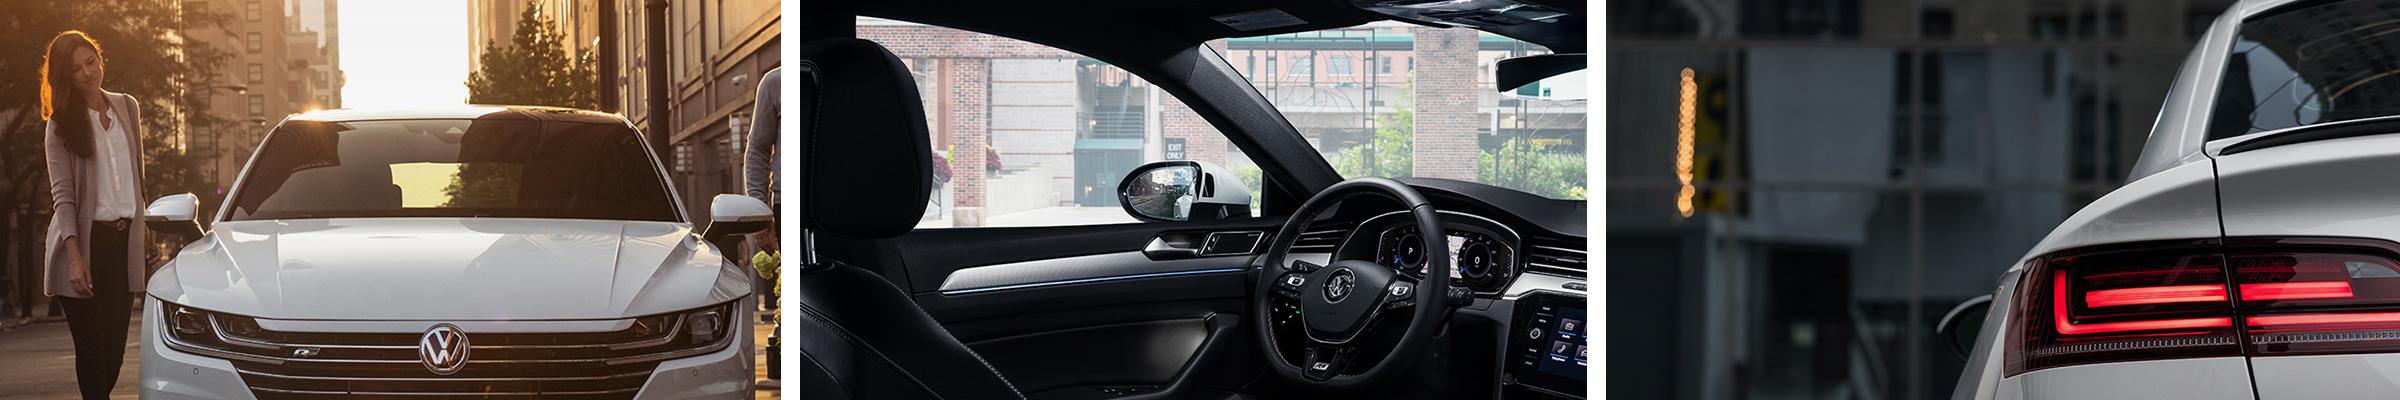 2020 Volkswagen Arteon For Sale North Palm Beach FL | Jupiter